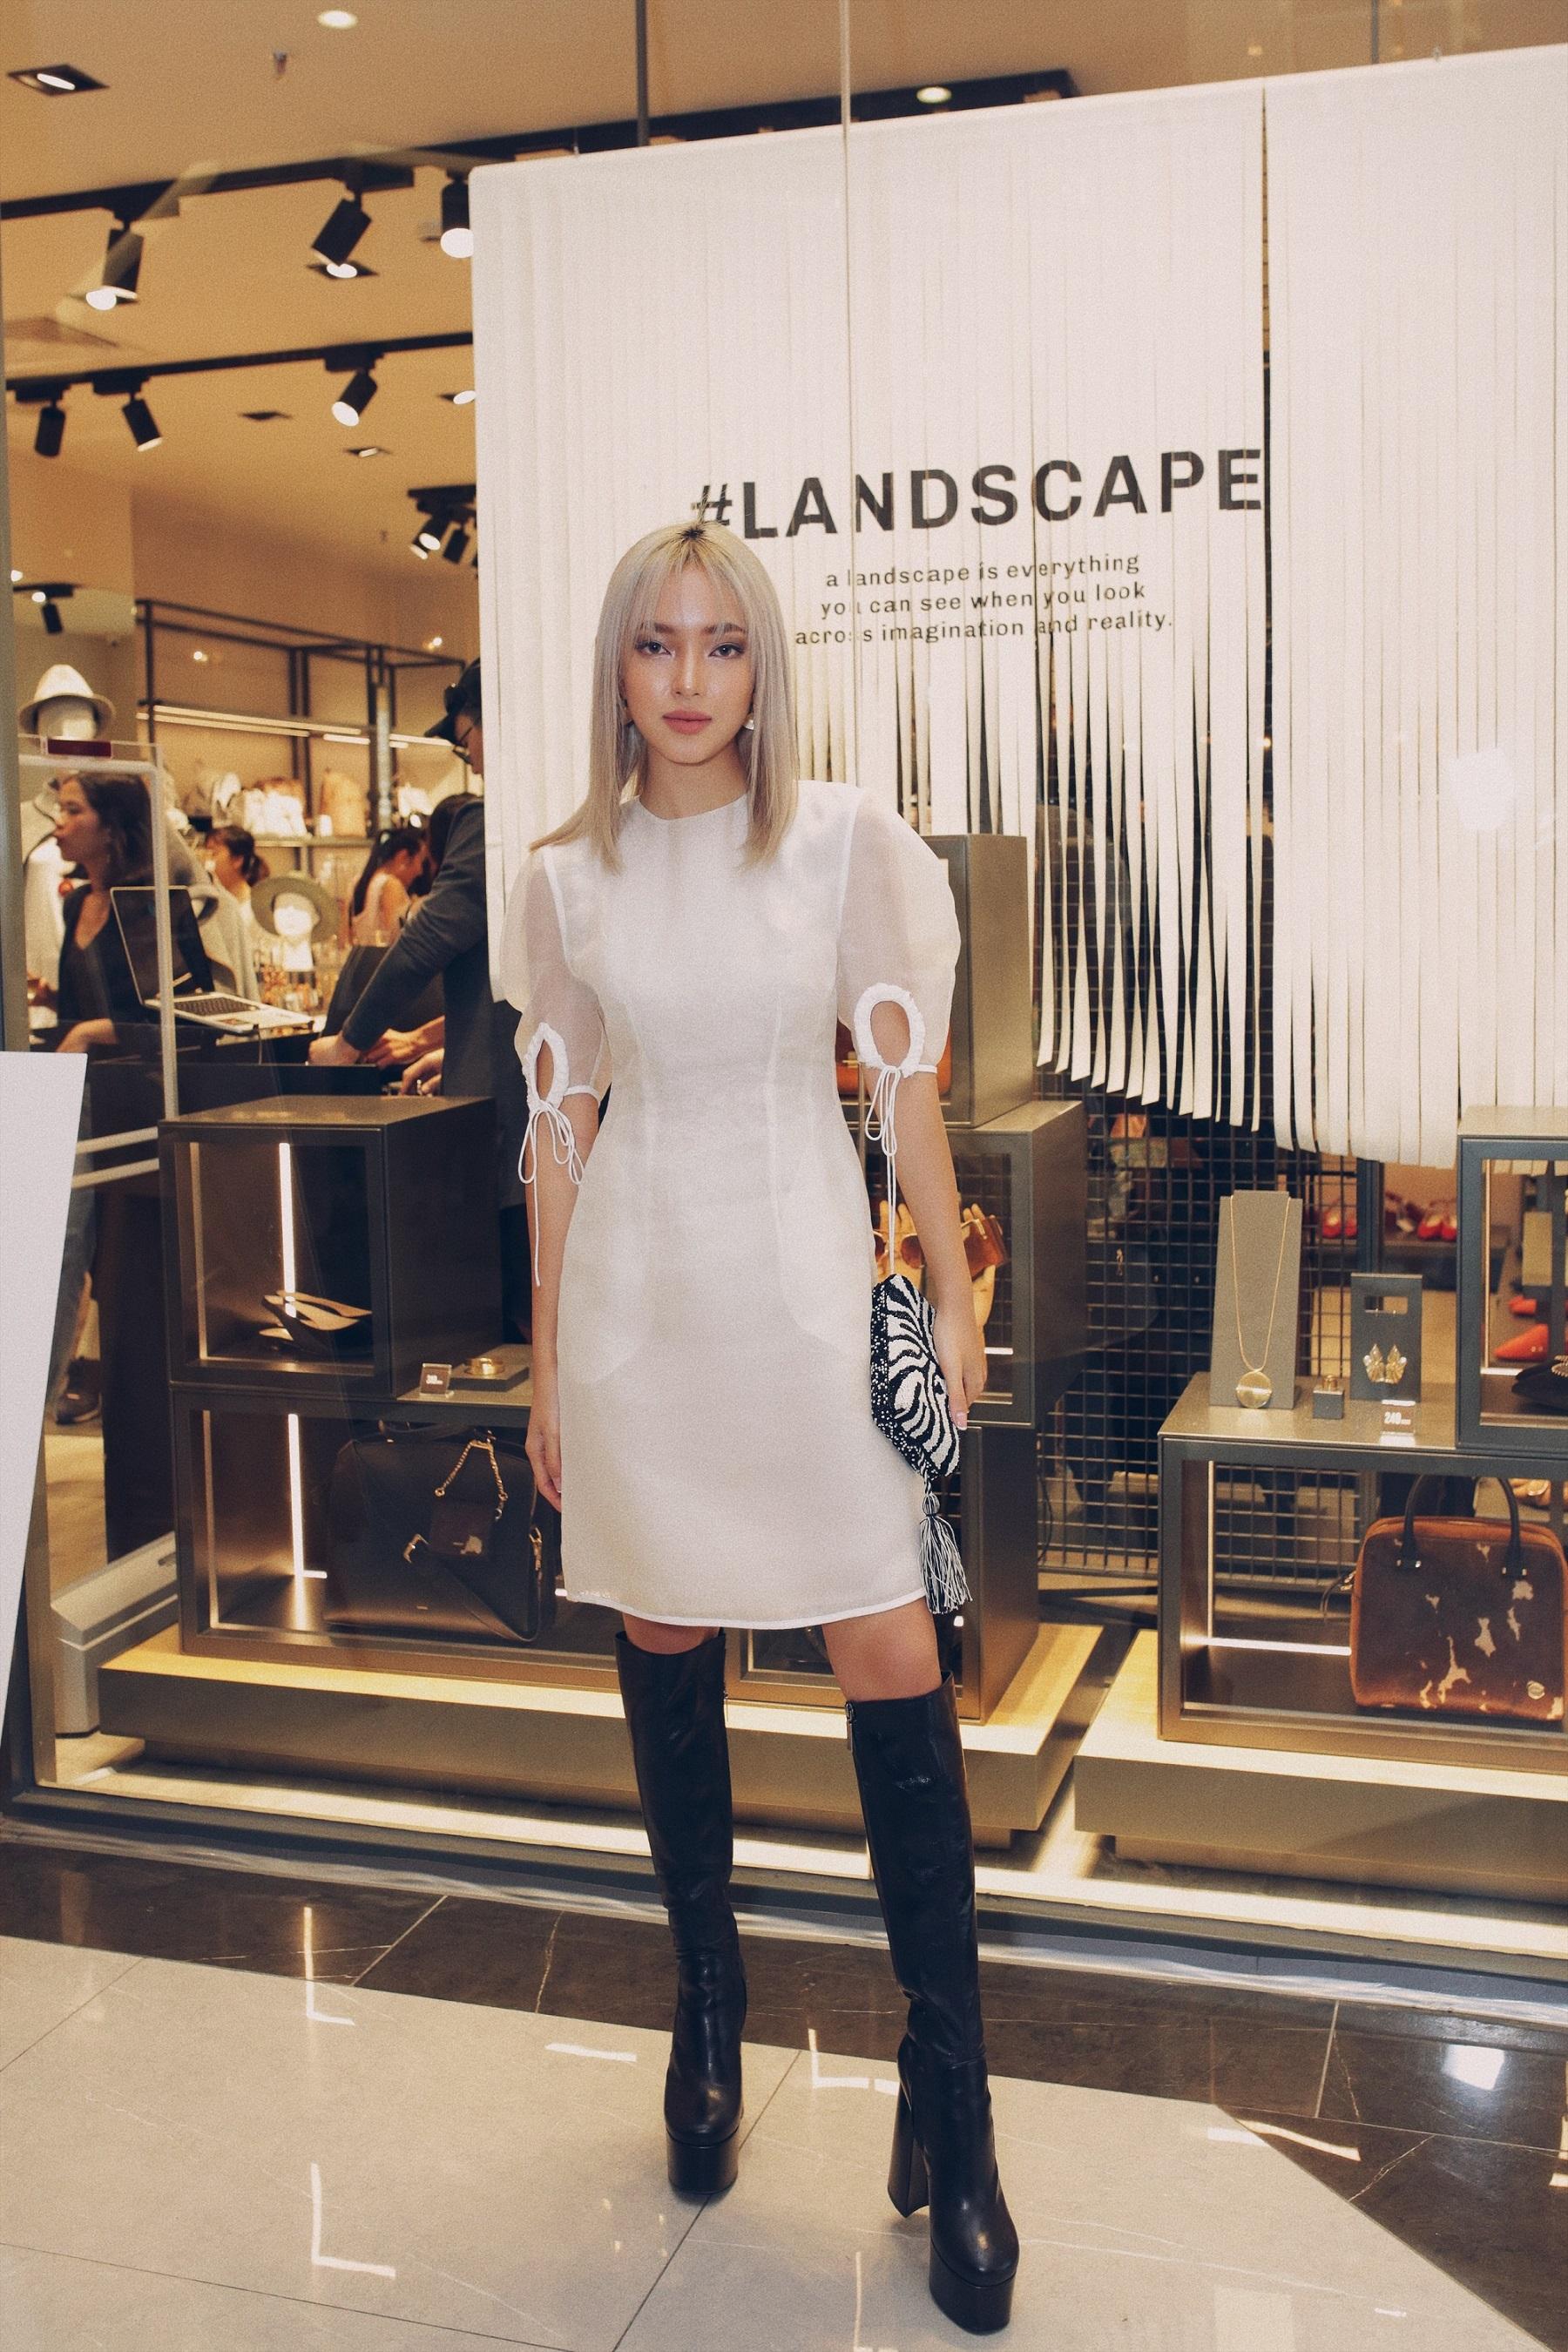 Châu Bùi, Phí Phương Anh cùng đông đảo tín đồ thời trang hội tụ tại cửa hàng phụ kiện đầu tiên của PARFOIS - Ảnh 1.